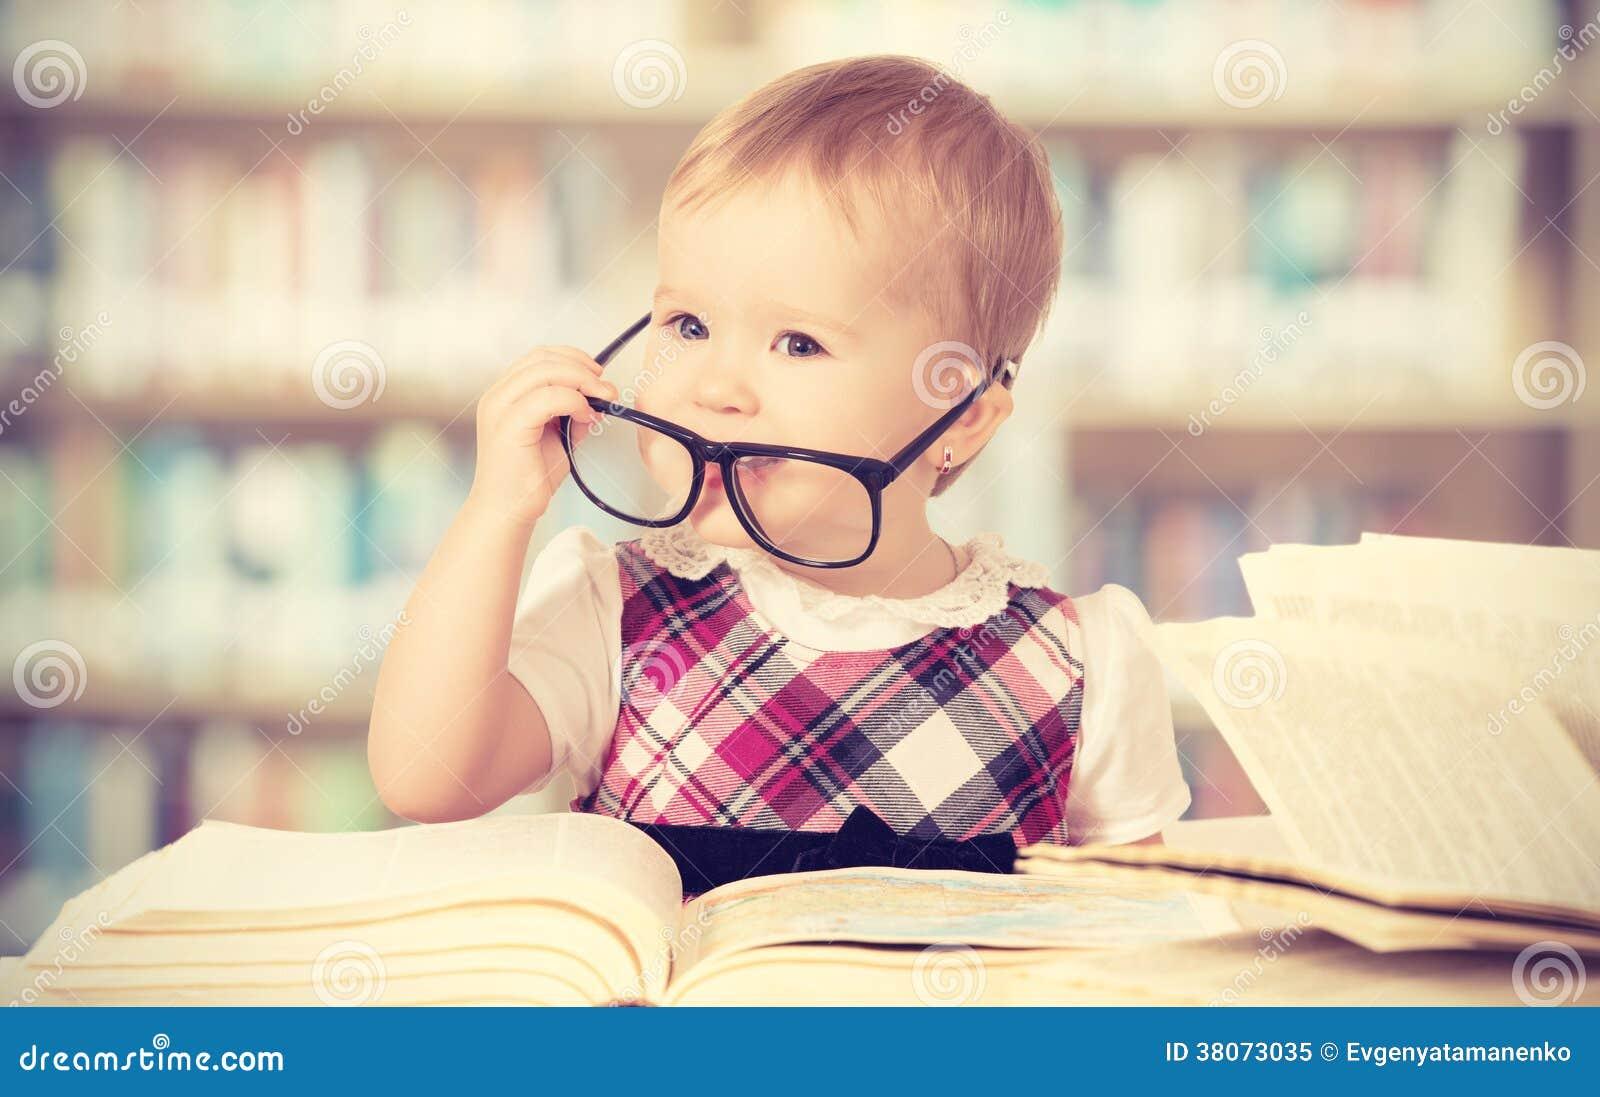 Bebé divertido en vidrios que lee un libro en una biblioteca